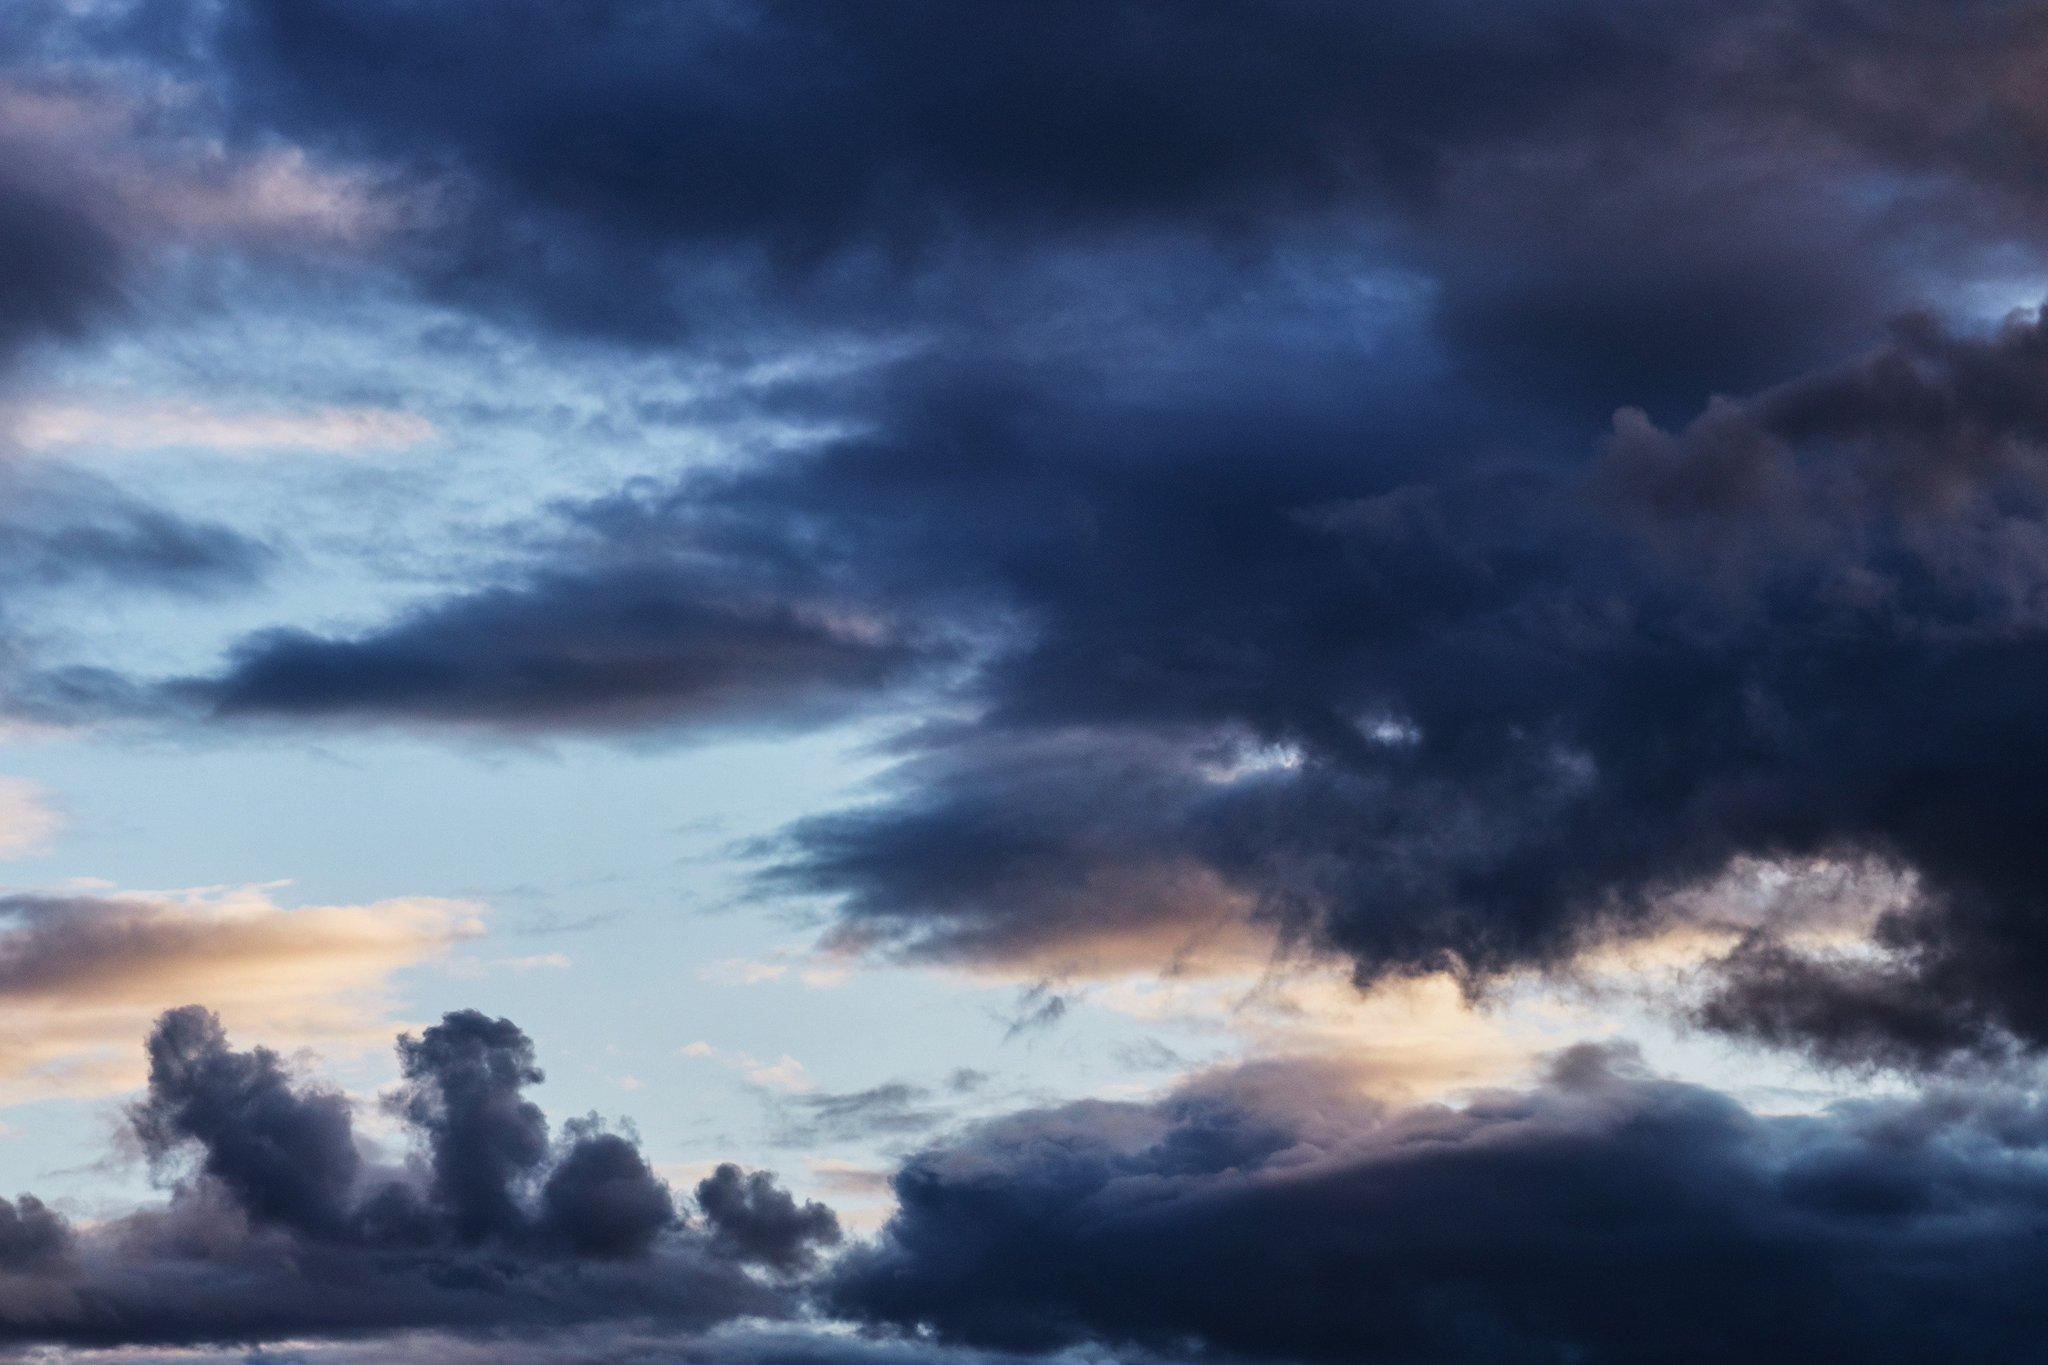 Фотография с облаками снята на Canon 135mm f2l. Автор - Tengyart